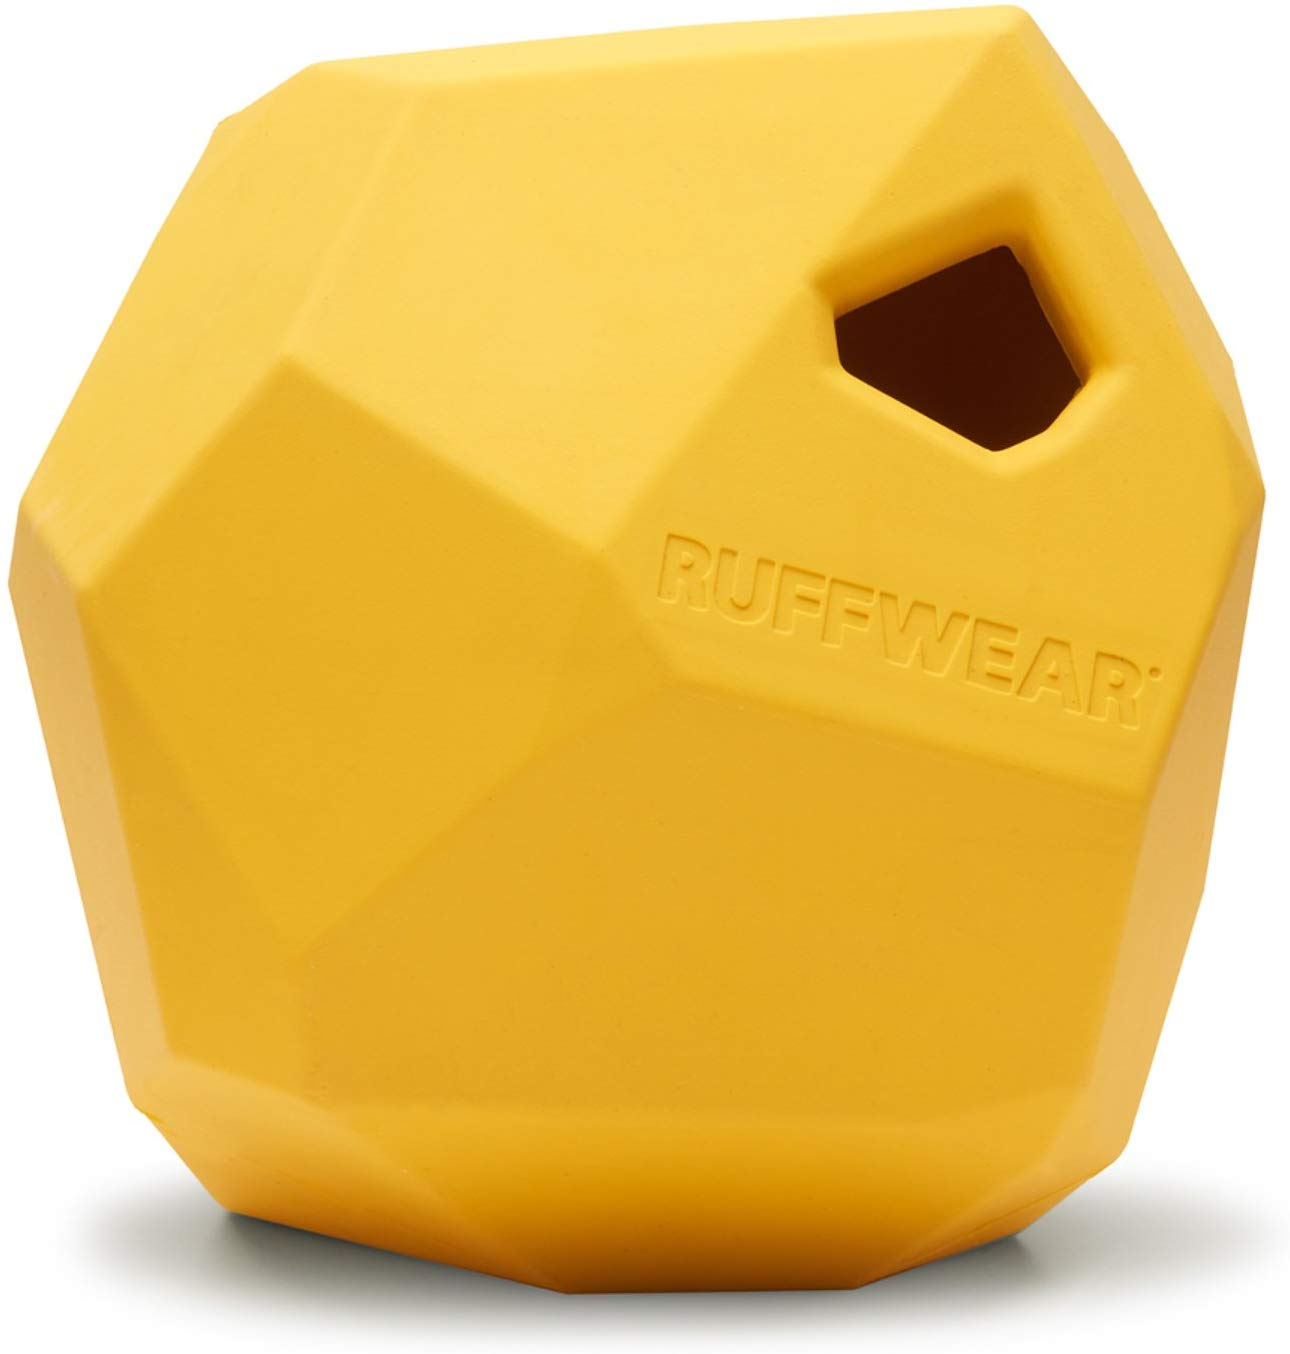 Ruffwear Gnawt-a-Rock Dog Toy, Dandelion Yellow